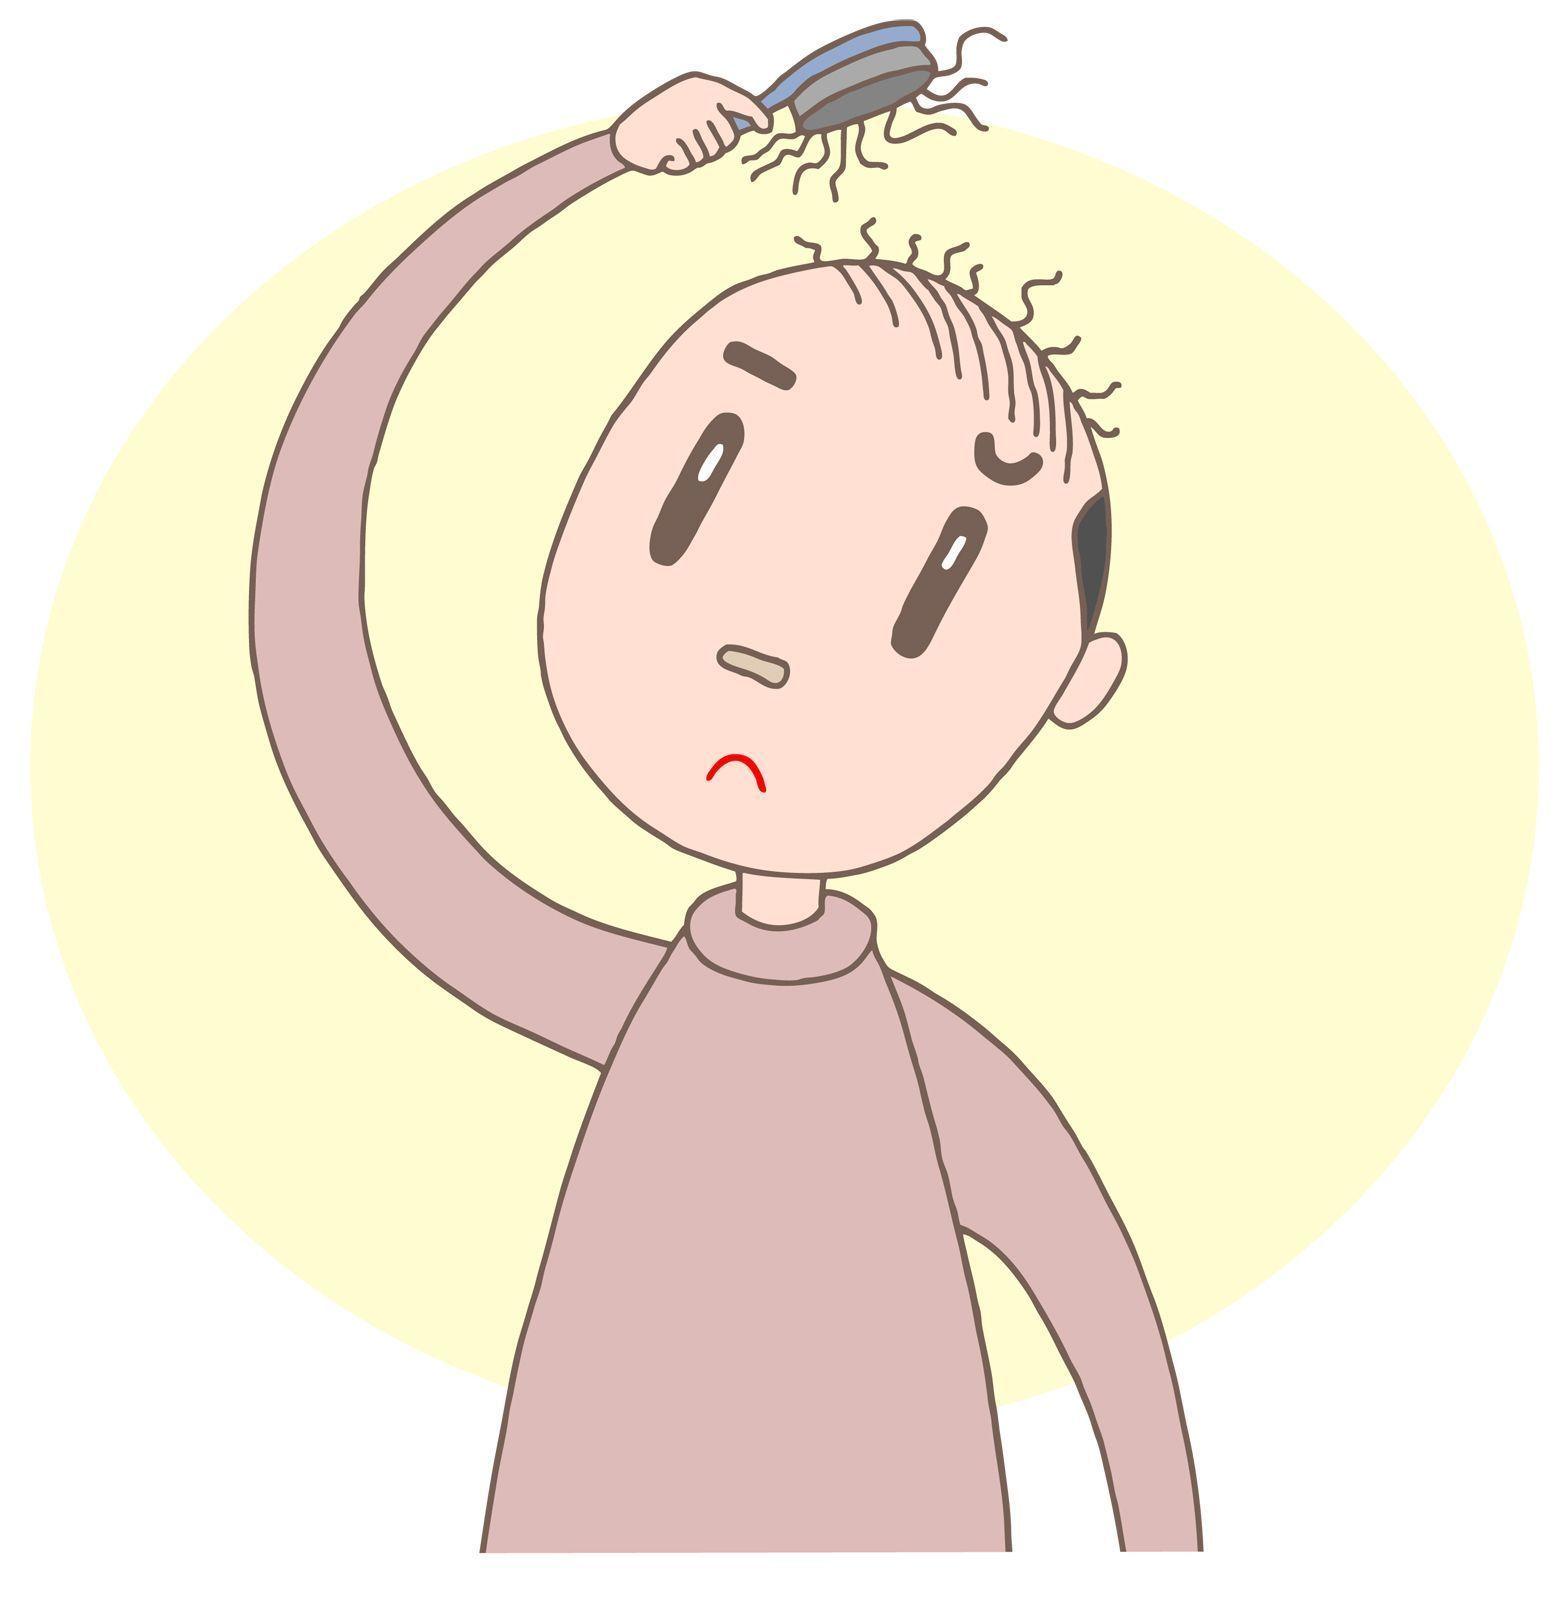 頭頂部ハゲを隠せなくなる前に!特徴、適切な対策・治療法を紹介